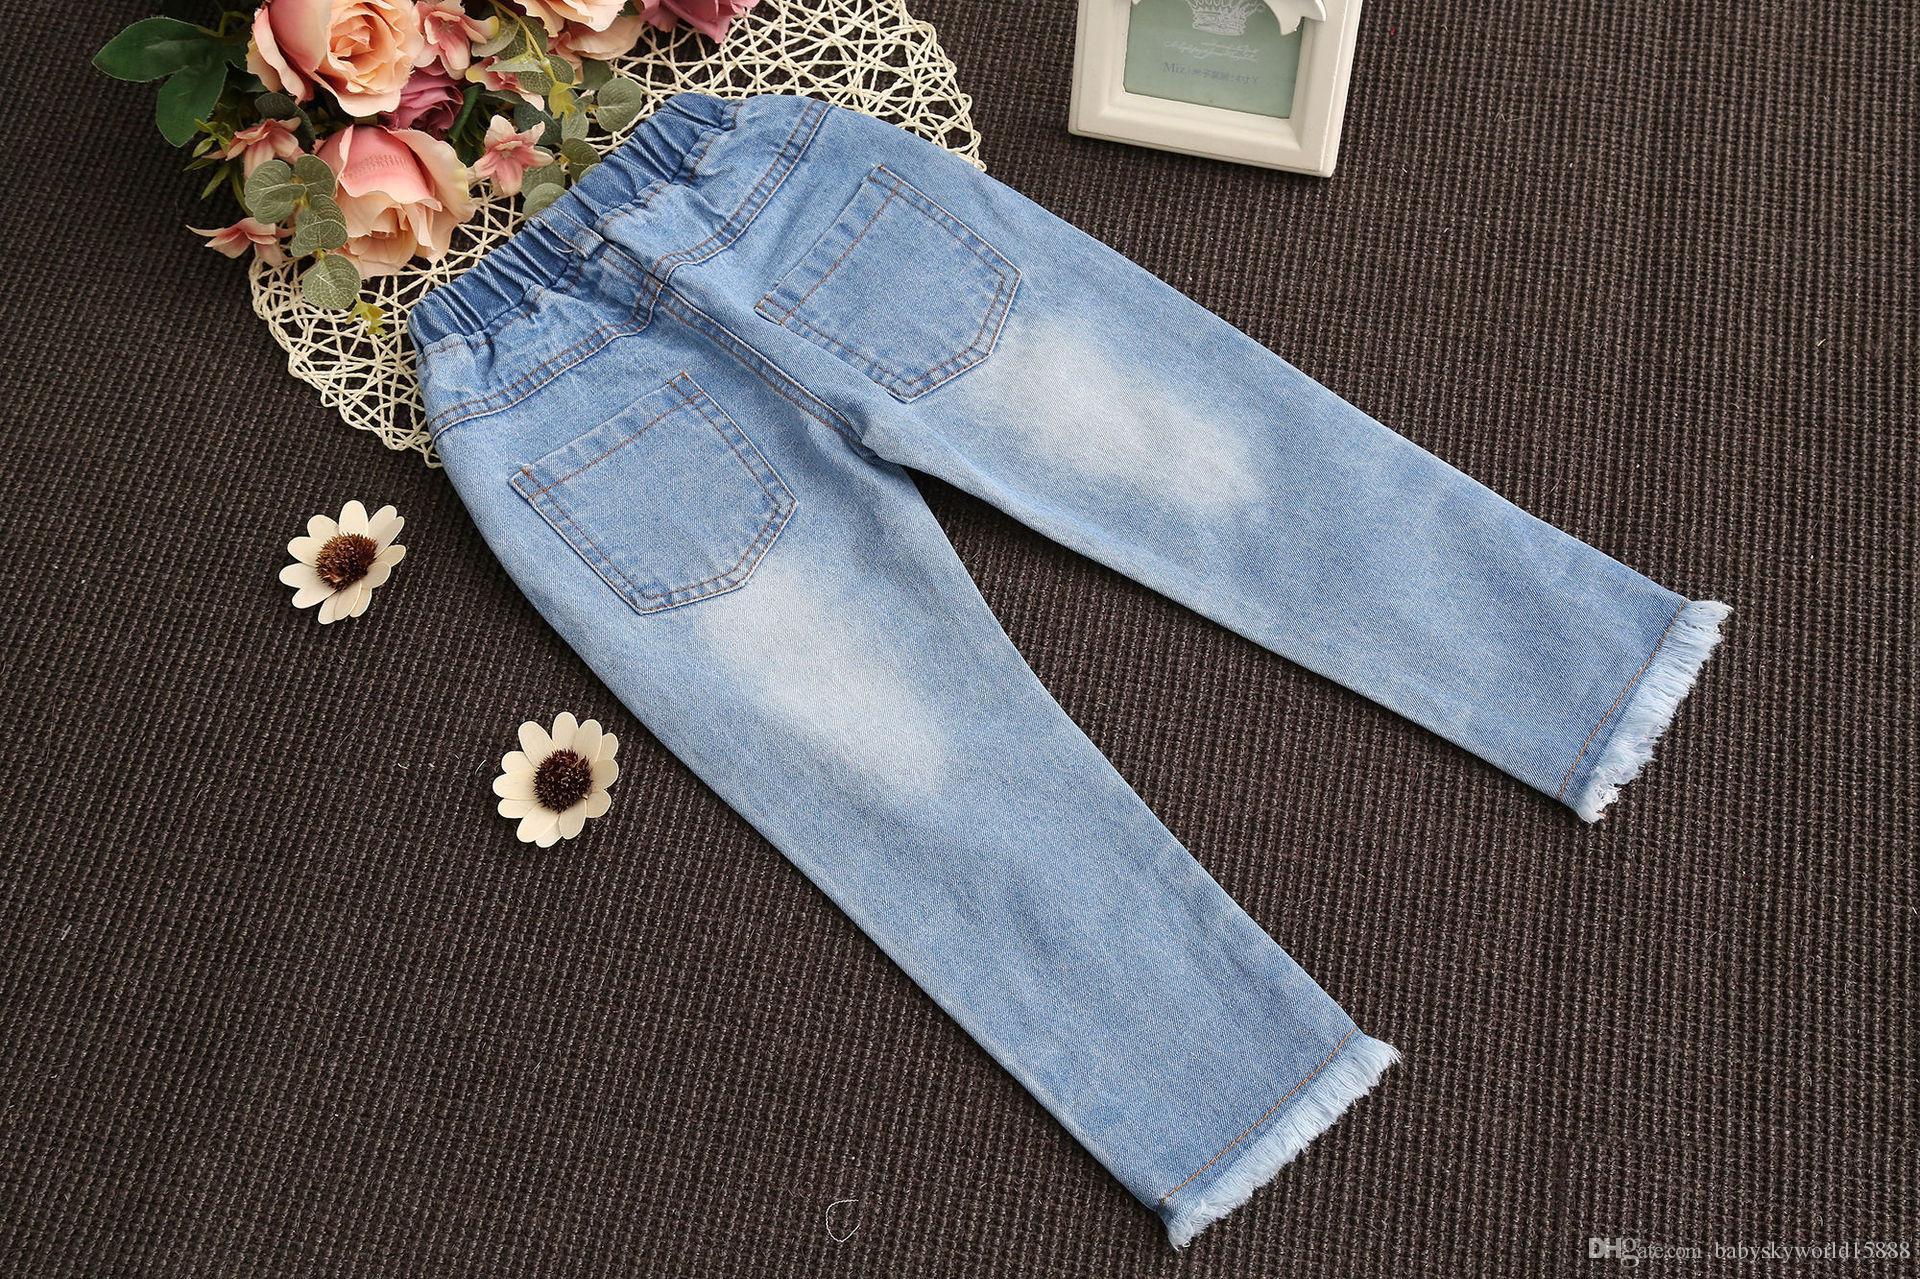 71b3b54f48 ... Niñas bebés Pantalones de mezclilla Labios Lavar Borlas azules Trapos  Moda niños Pantalones Nueva primavera otoño